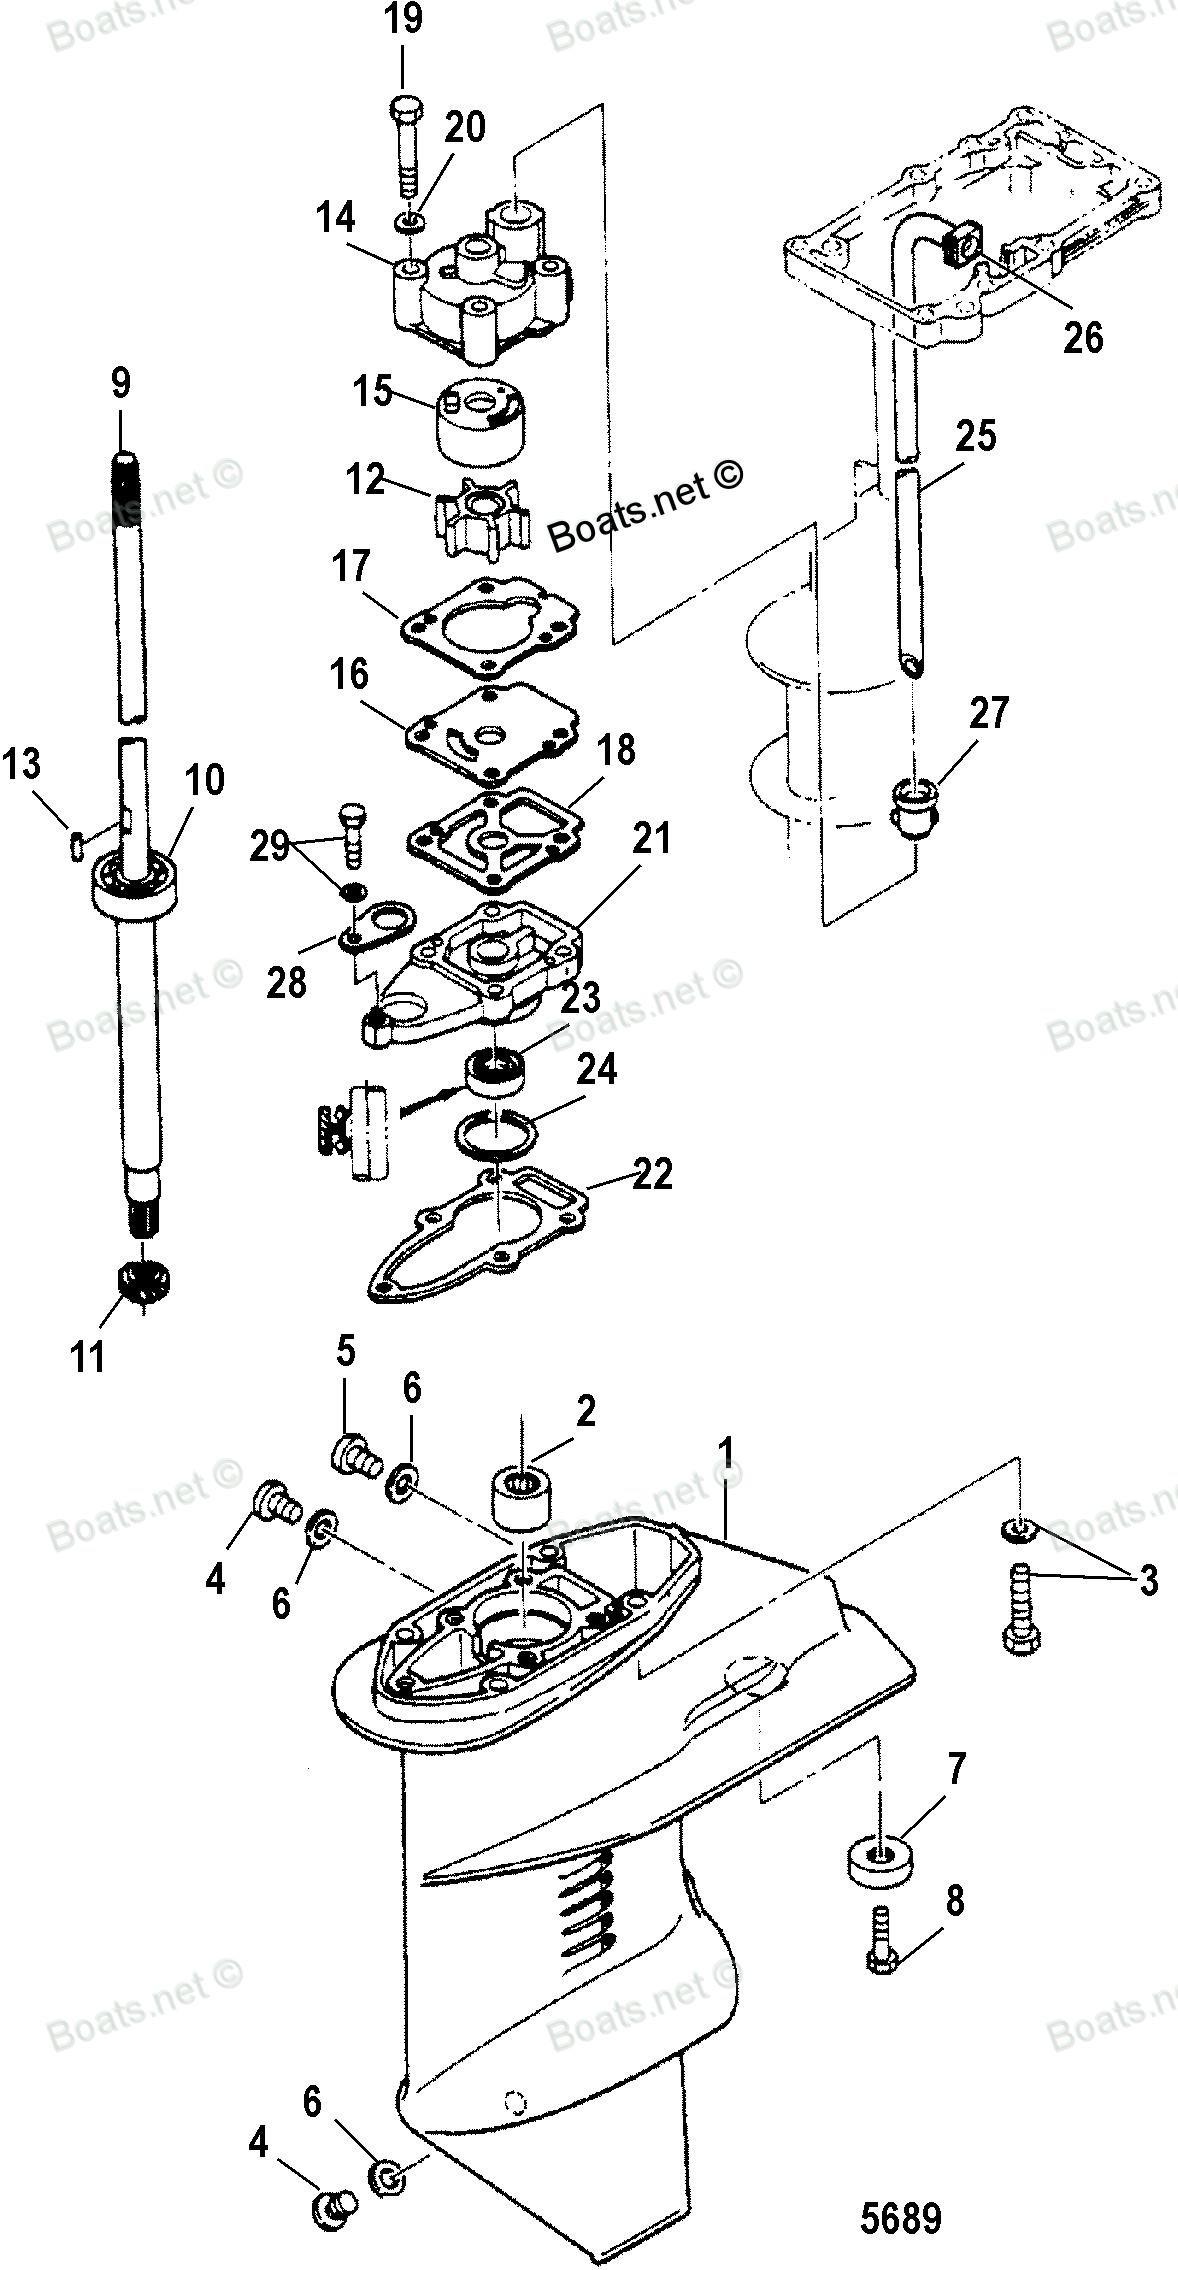 взаимозаменяемость деталей от лодочного мотора